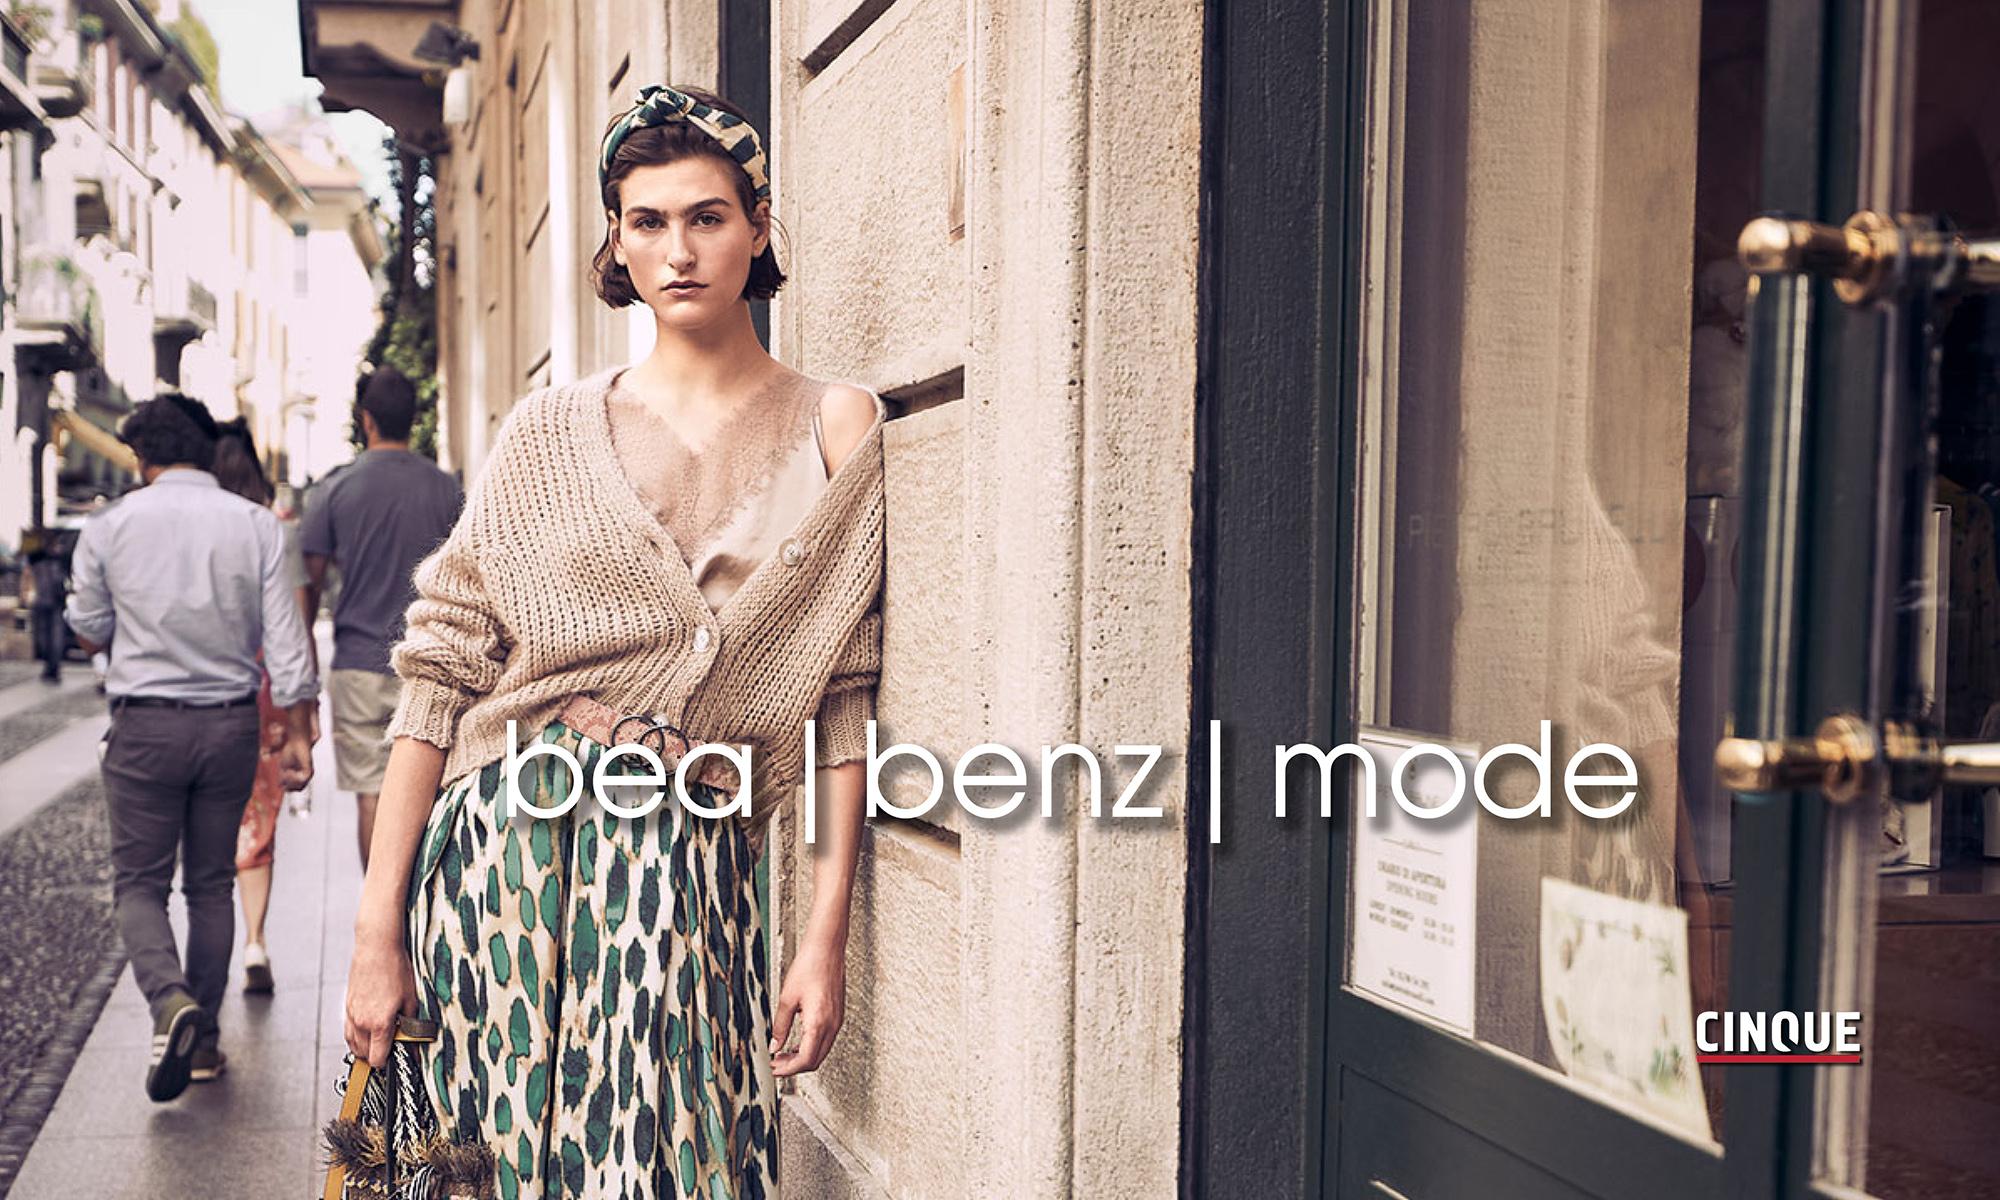 BEA|BENZ|MODE